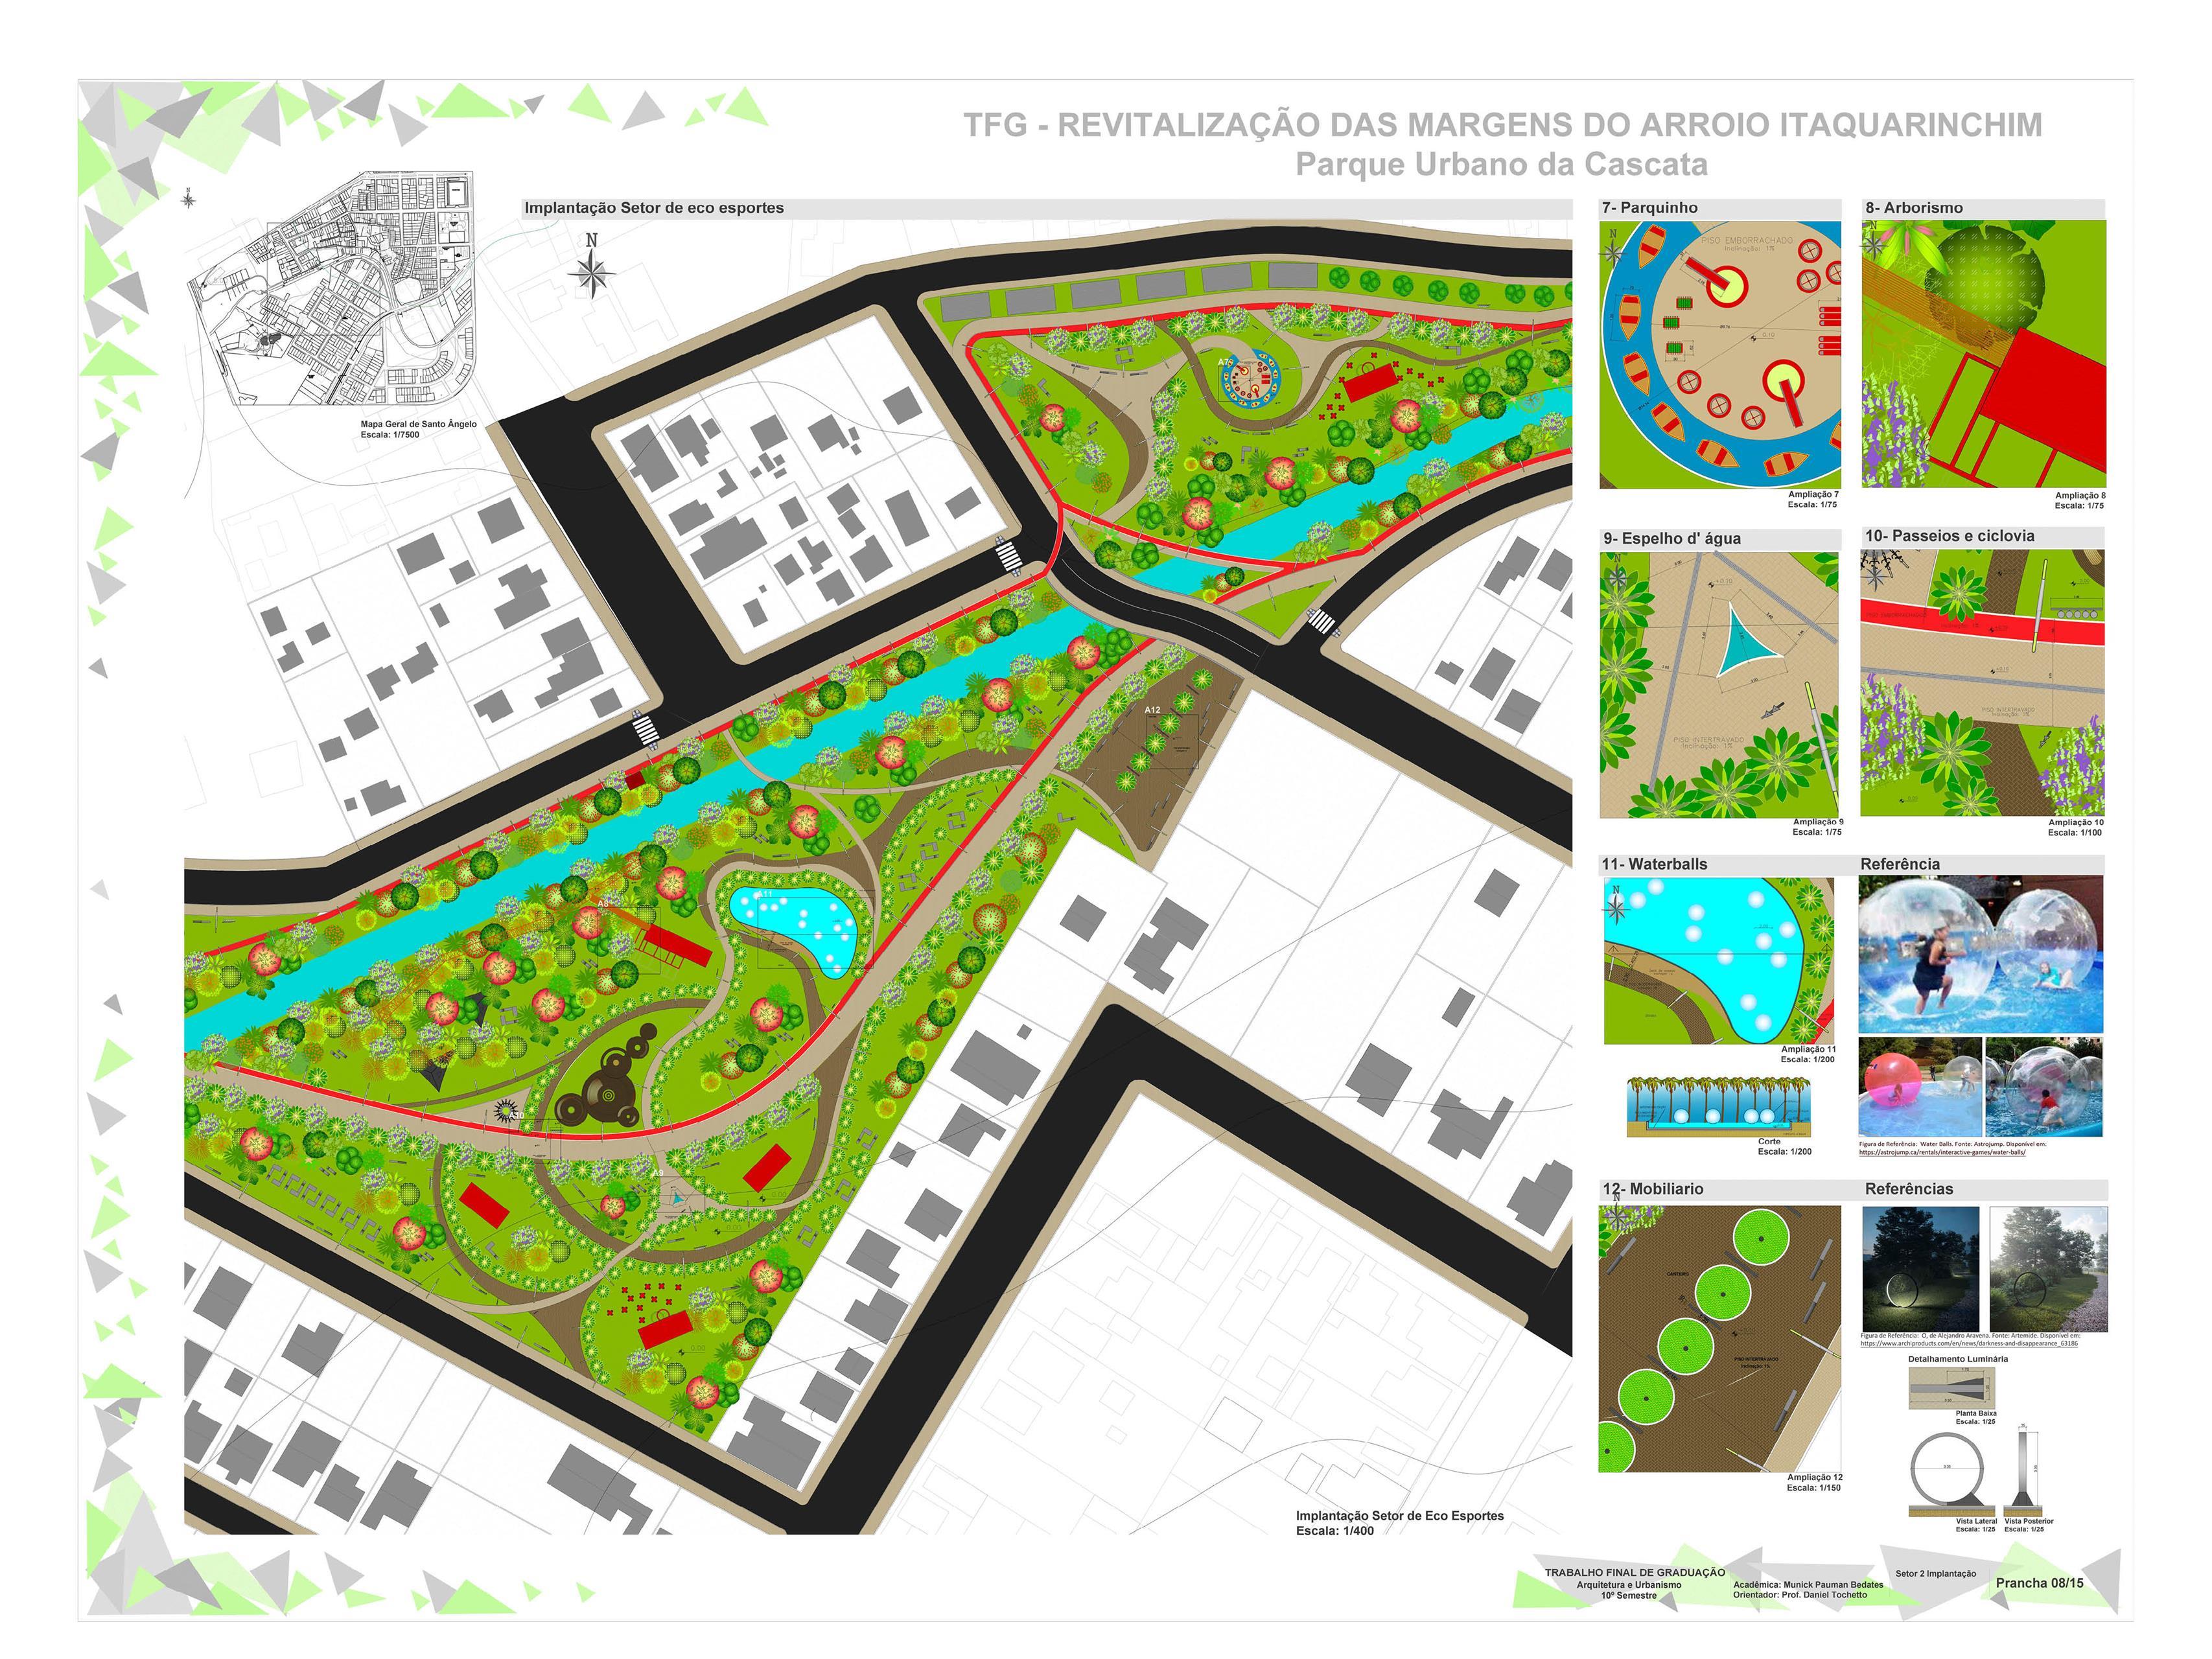 Revitalização das Margens do Arroio Itaquarinchim - Parque Urbano da Cascata8 (Copy)